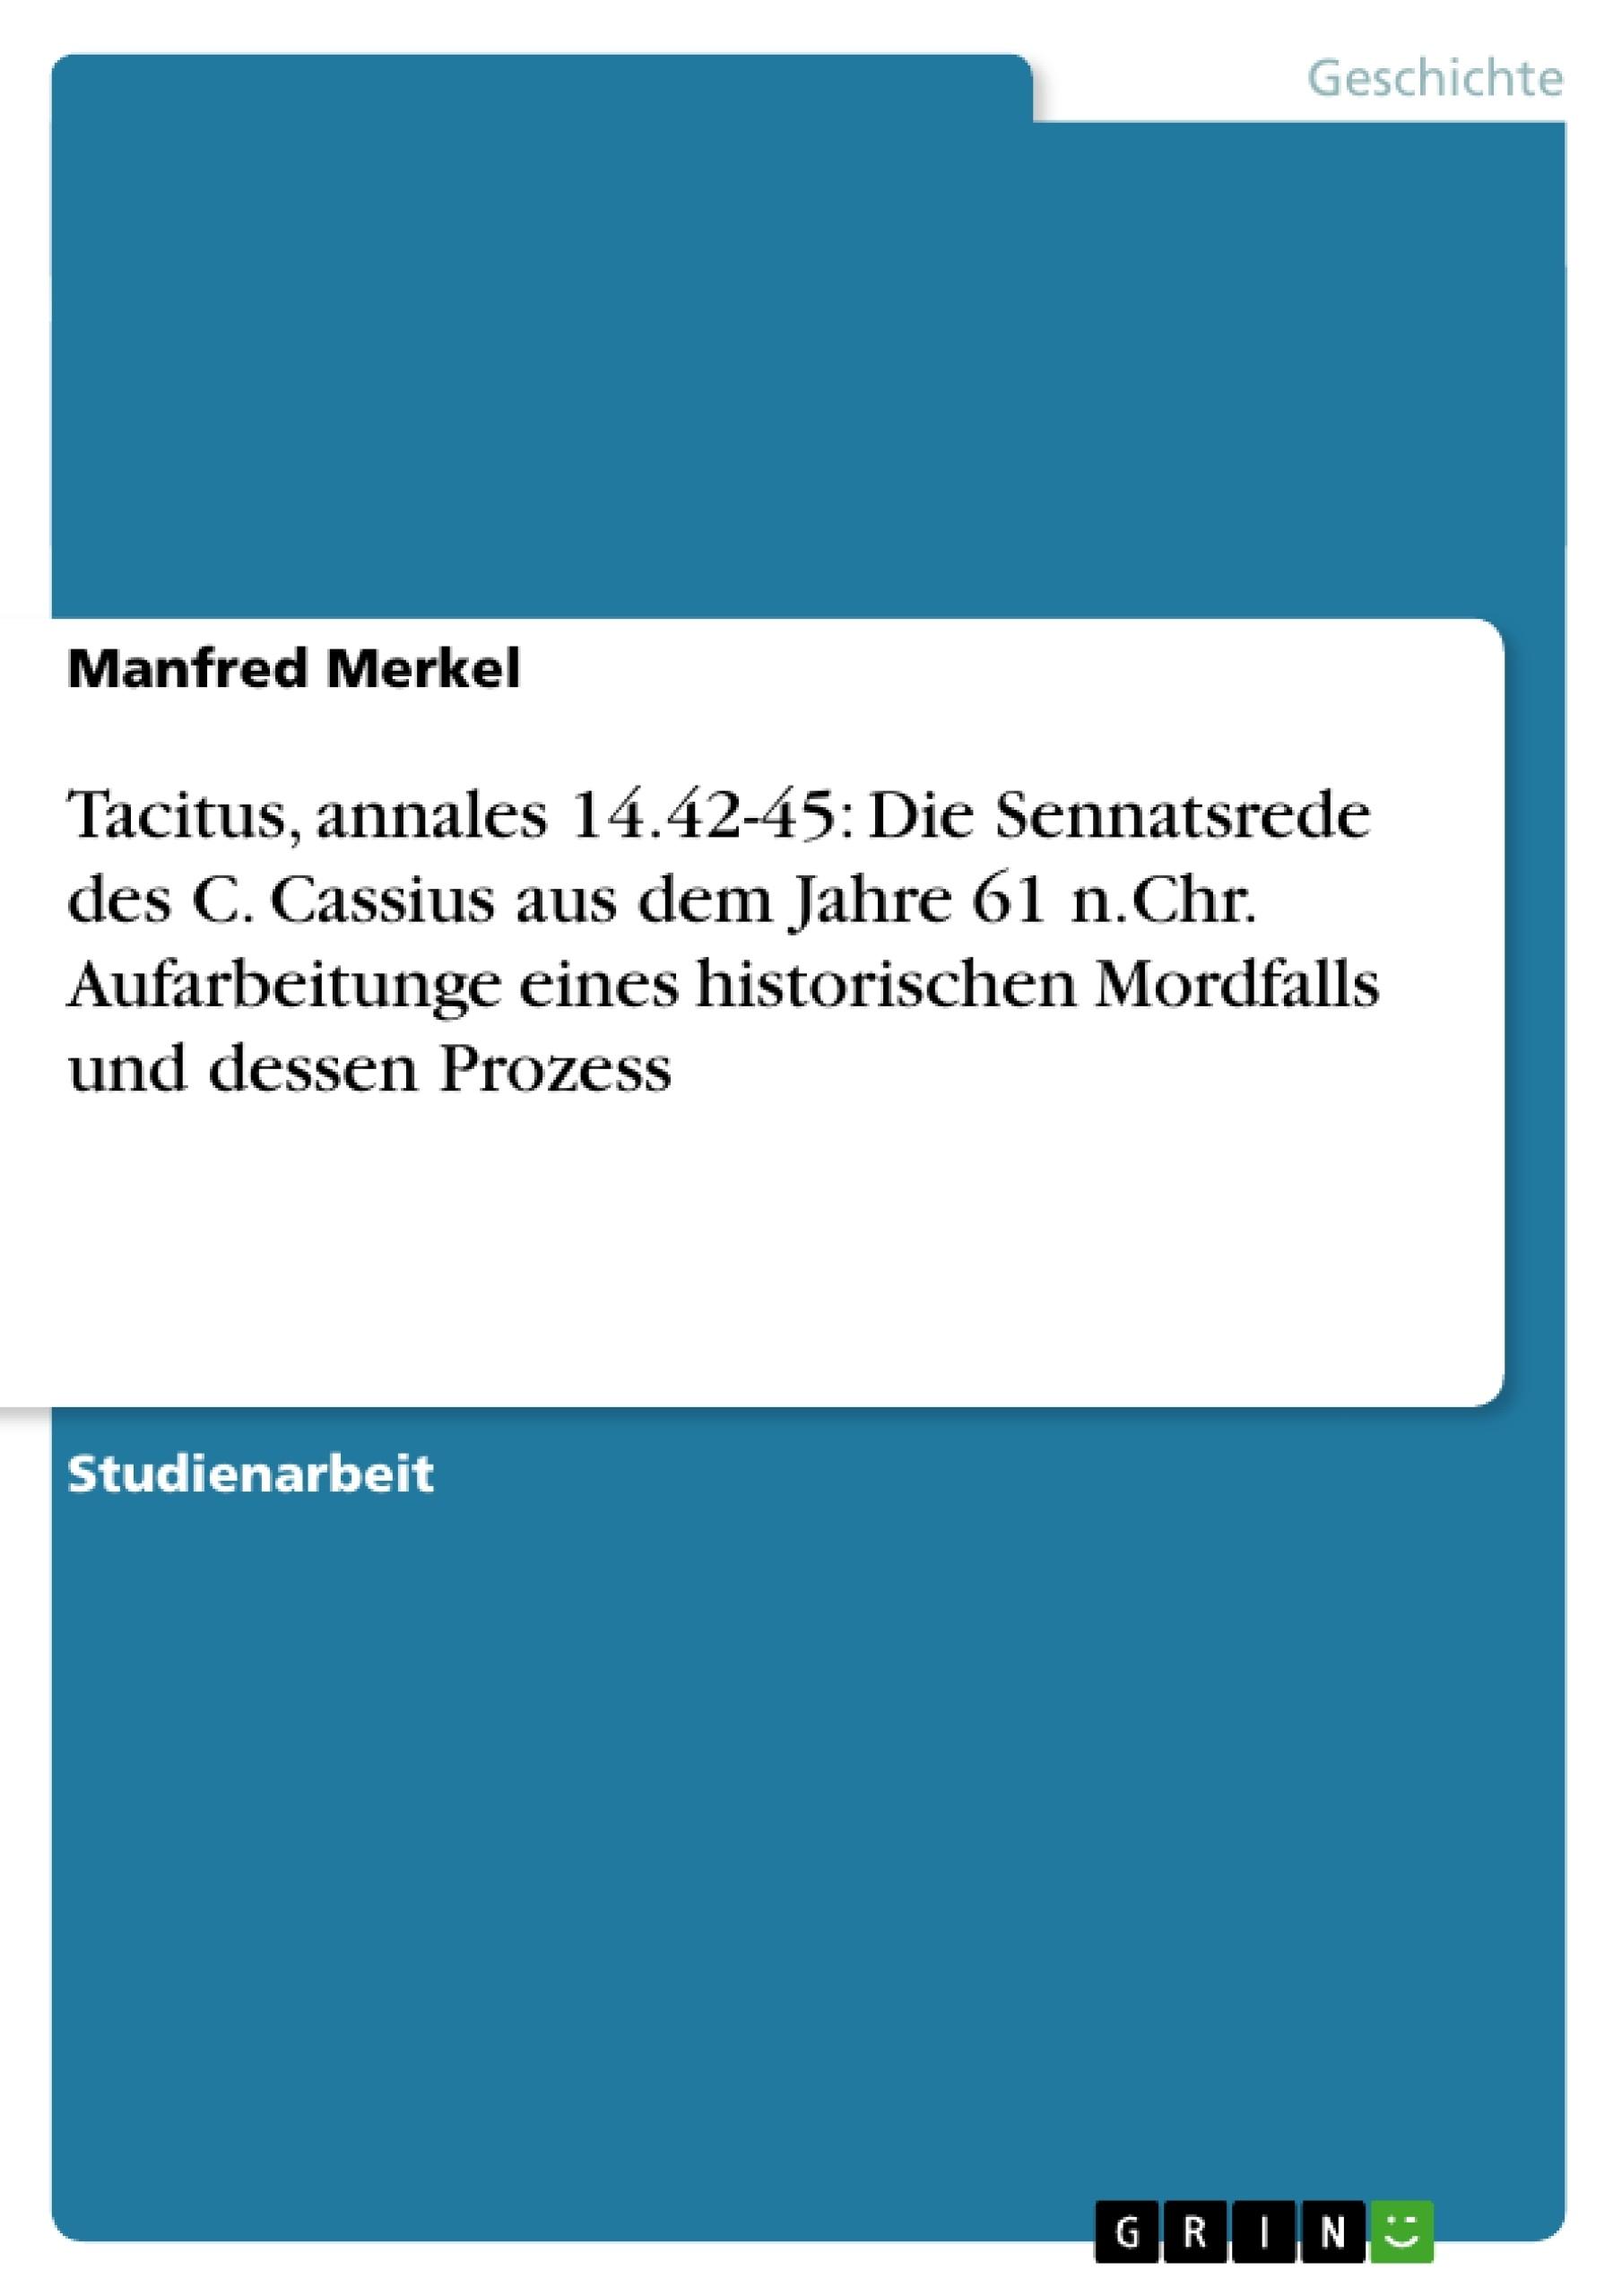 Titel: Tacitus, annales 14.42-45: Die Sennatsrede des C. Cassius aus dem Jahre 61 n.Chr. Aufarbeitunge eines historischen Mordfalls und dessen Prozess